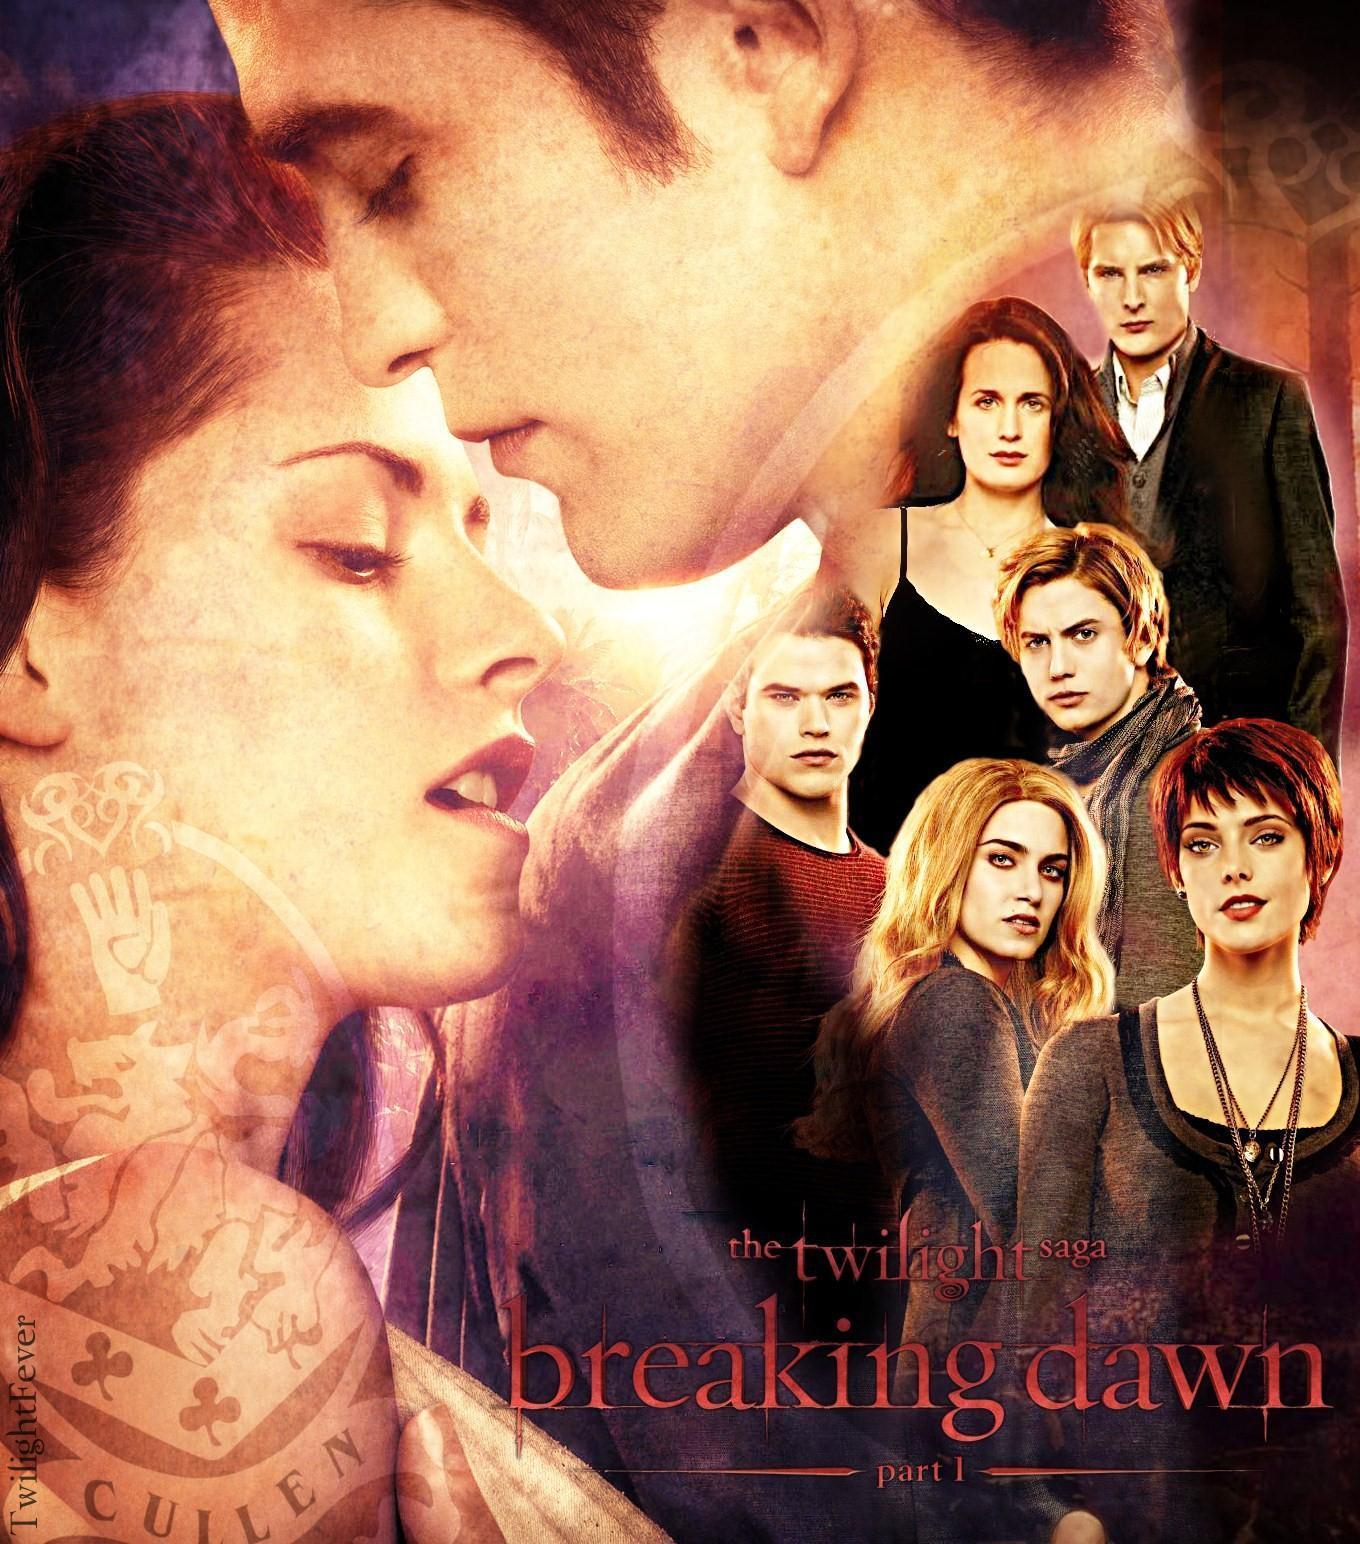 Breakingdawn The Cullens Twilight Movie Fan Art